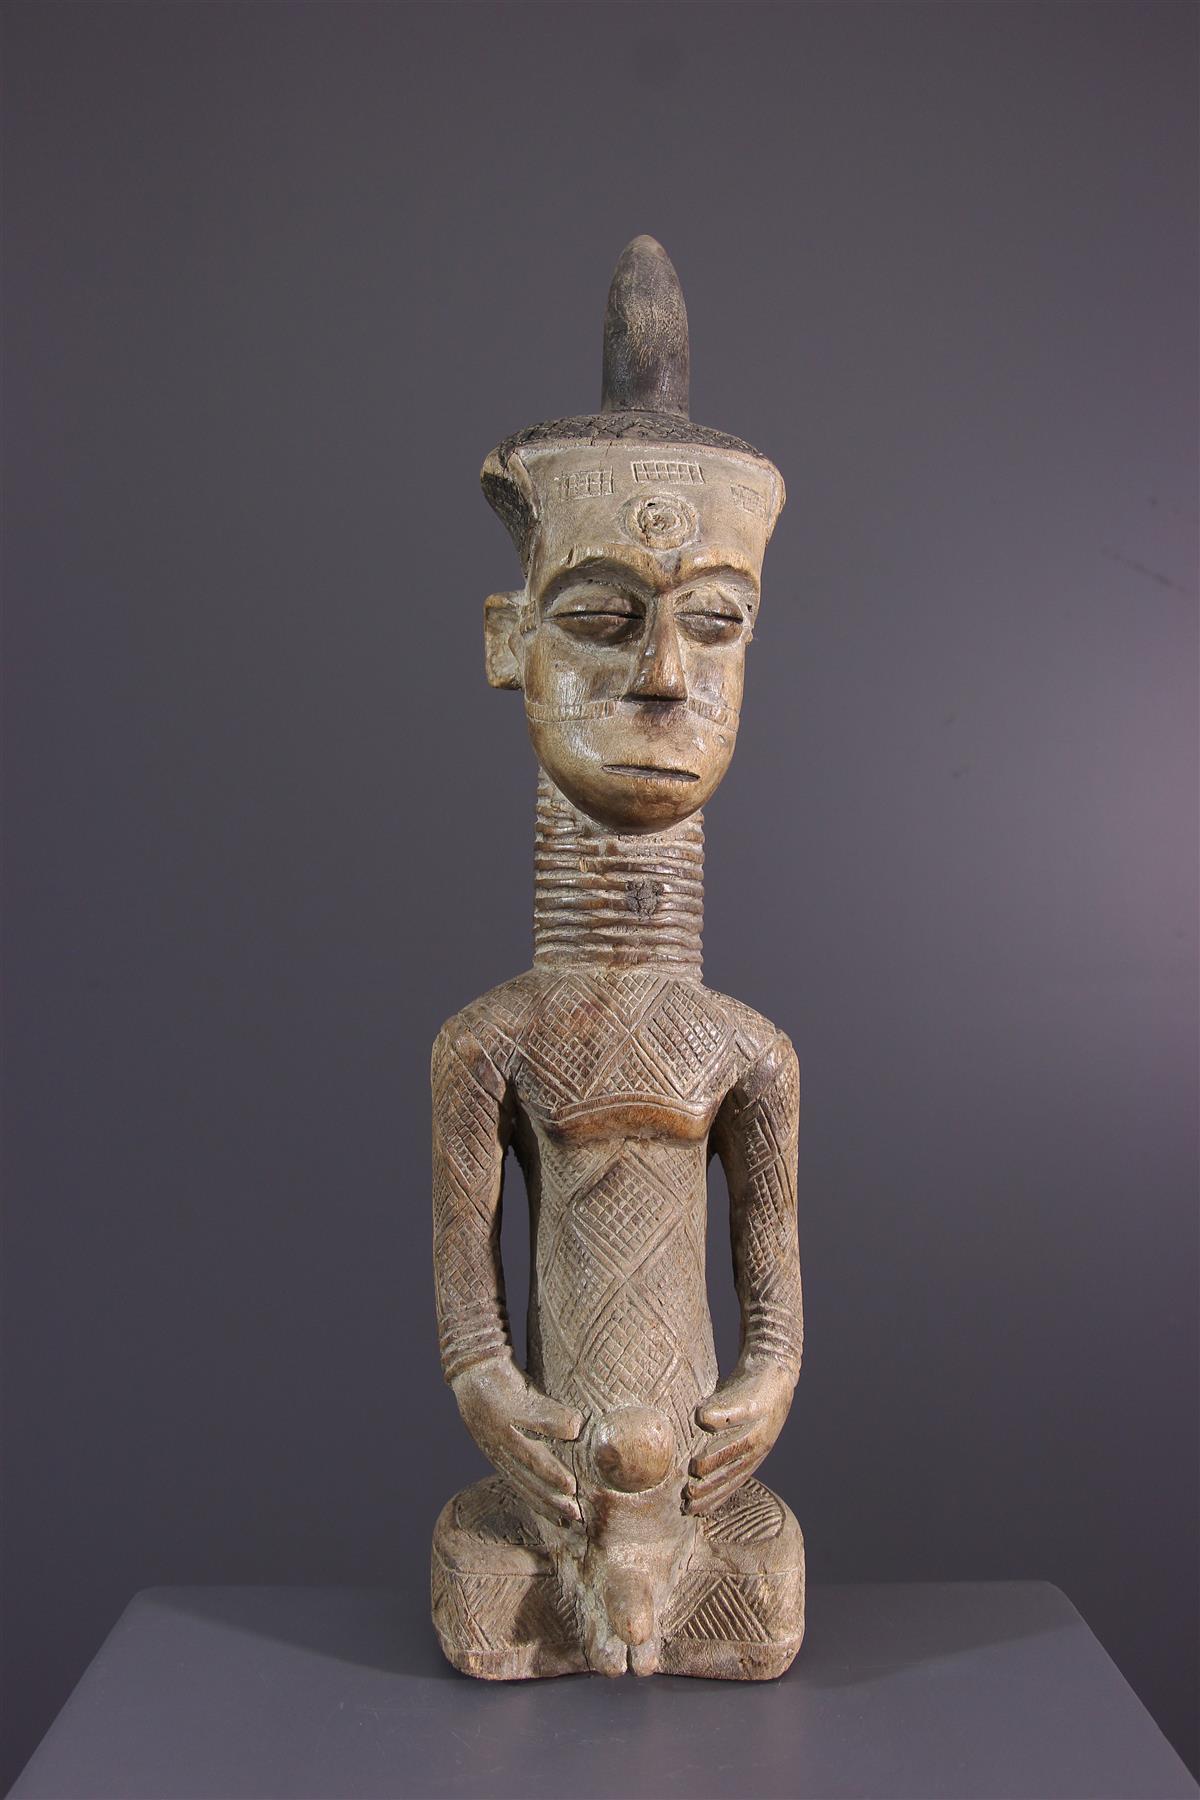 Statuette Dengese - Art africain